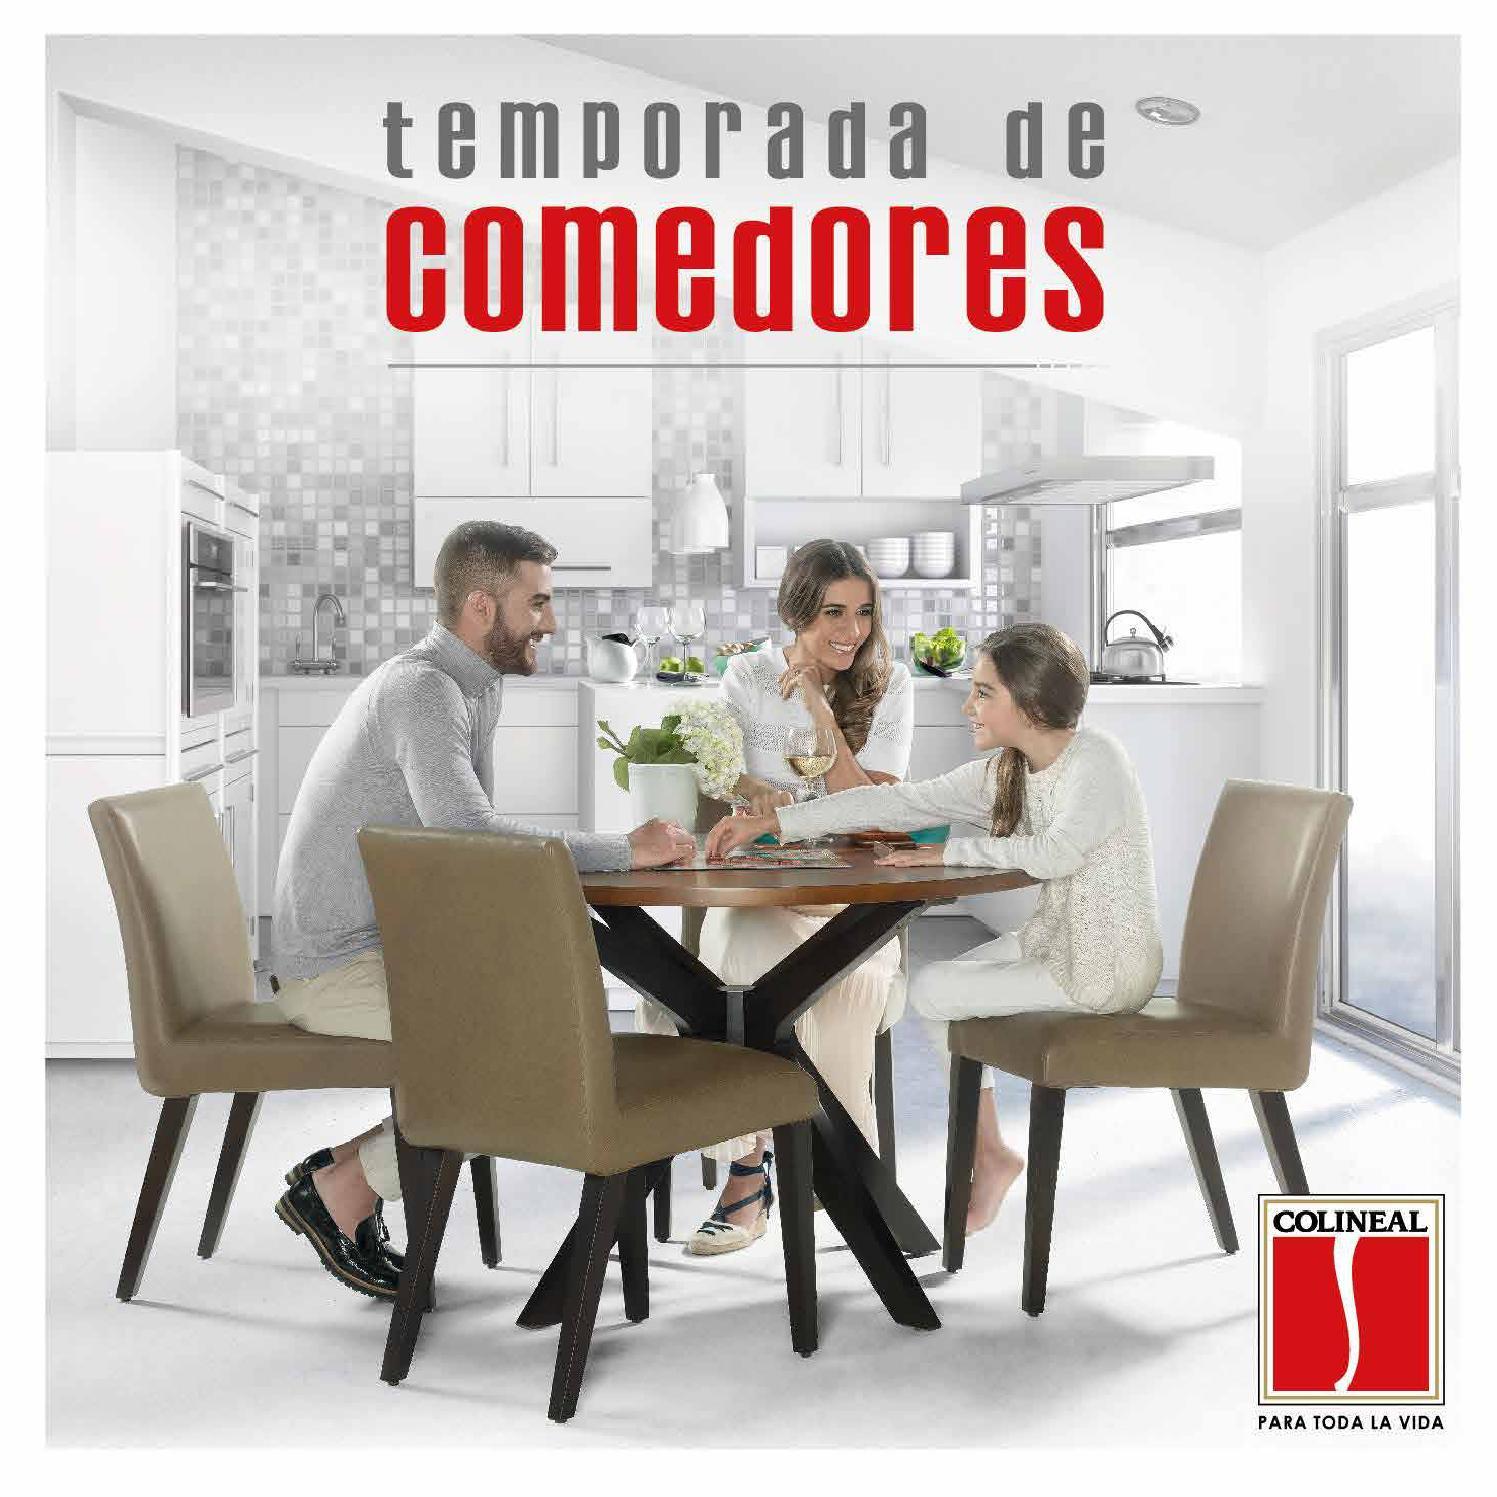 Cat logo de comedores per by colineal issuu - Catalogo de comedores ...